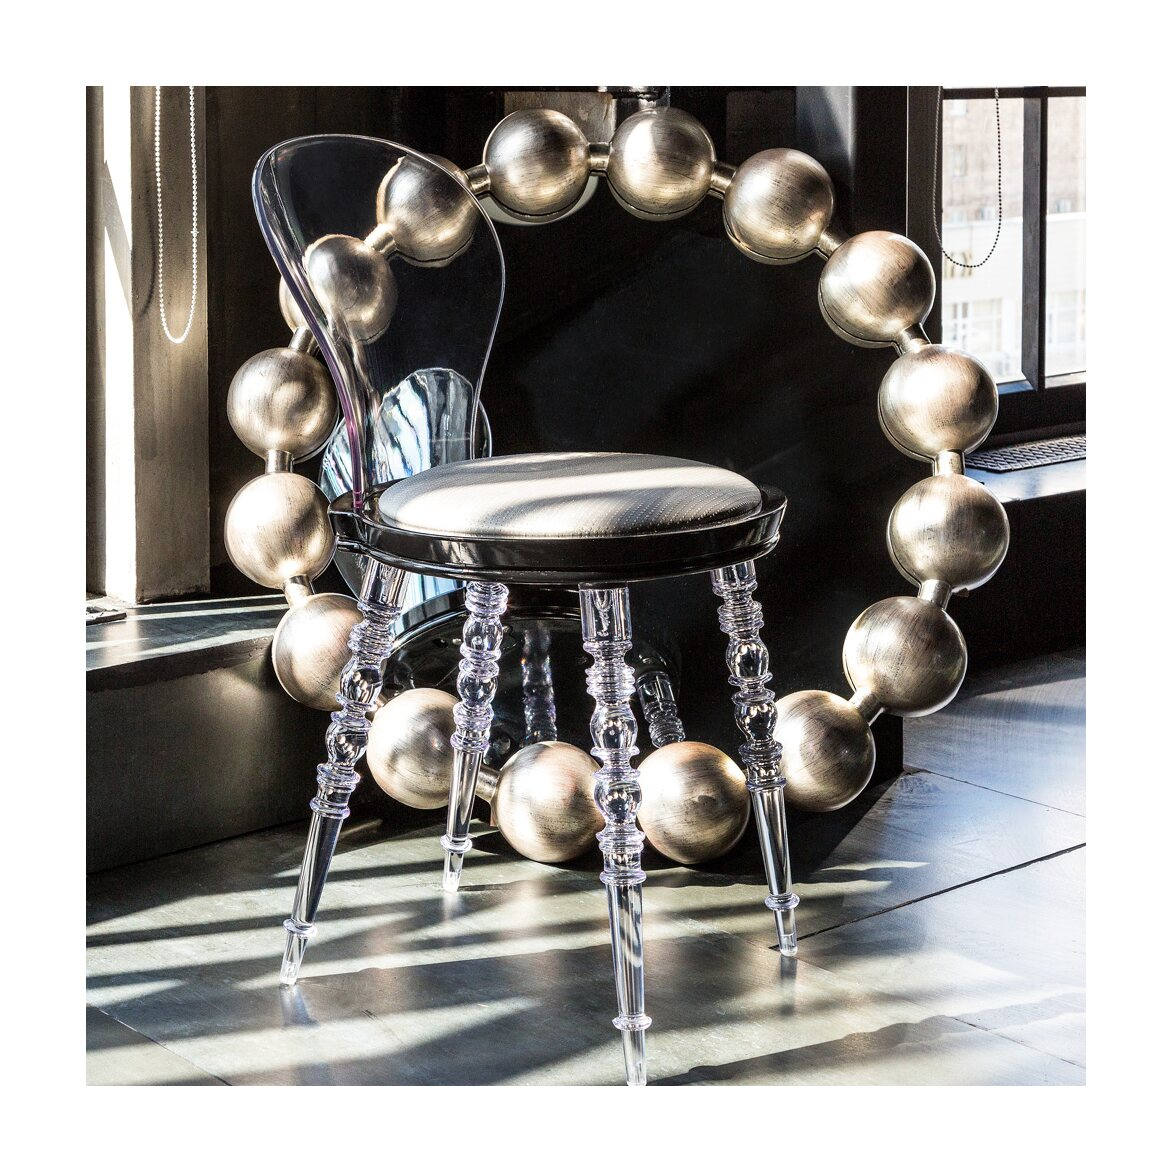 Настенное зеркало «Виконтесса Силвер» 3 | Настенные зеркала Kingsby